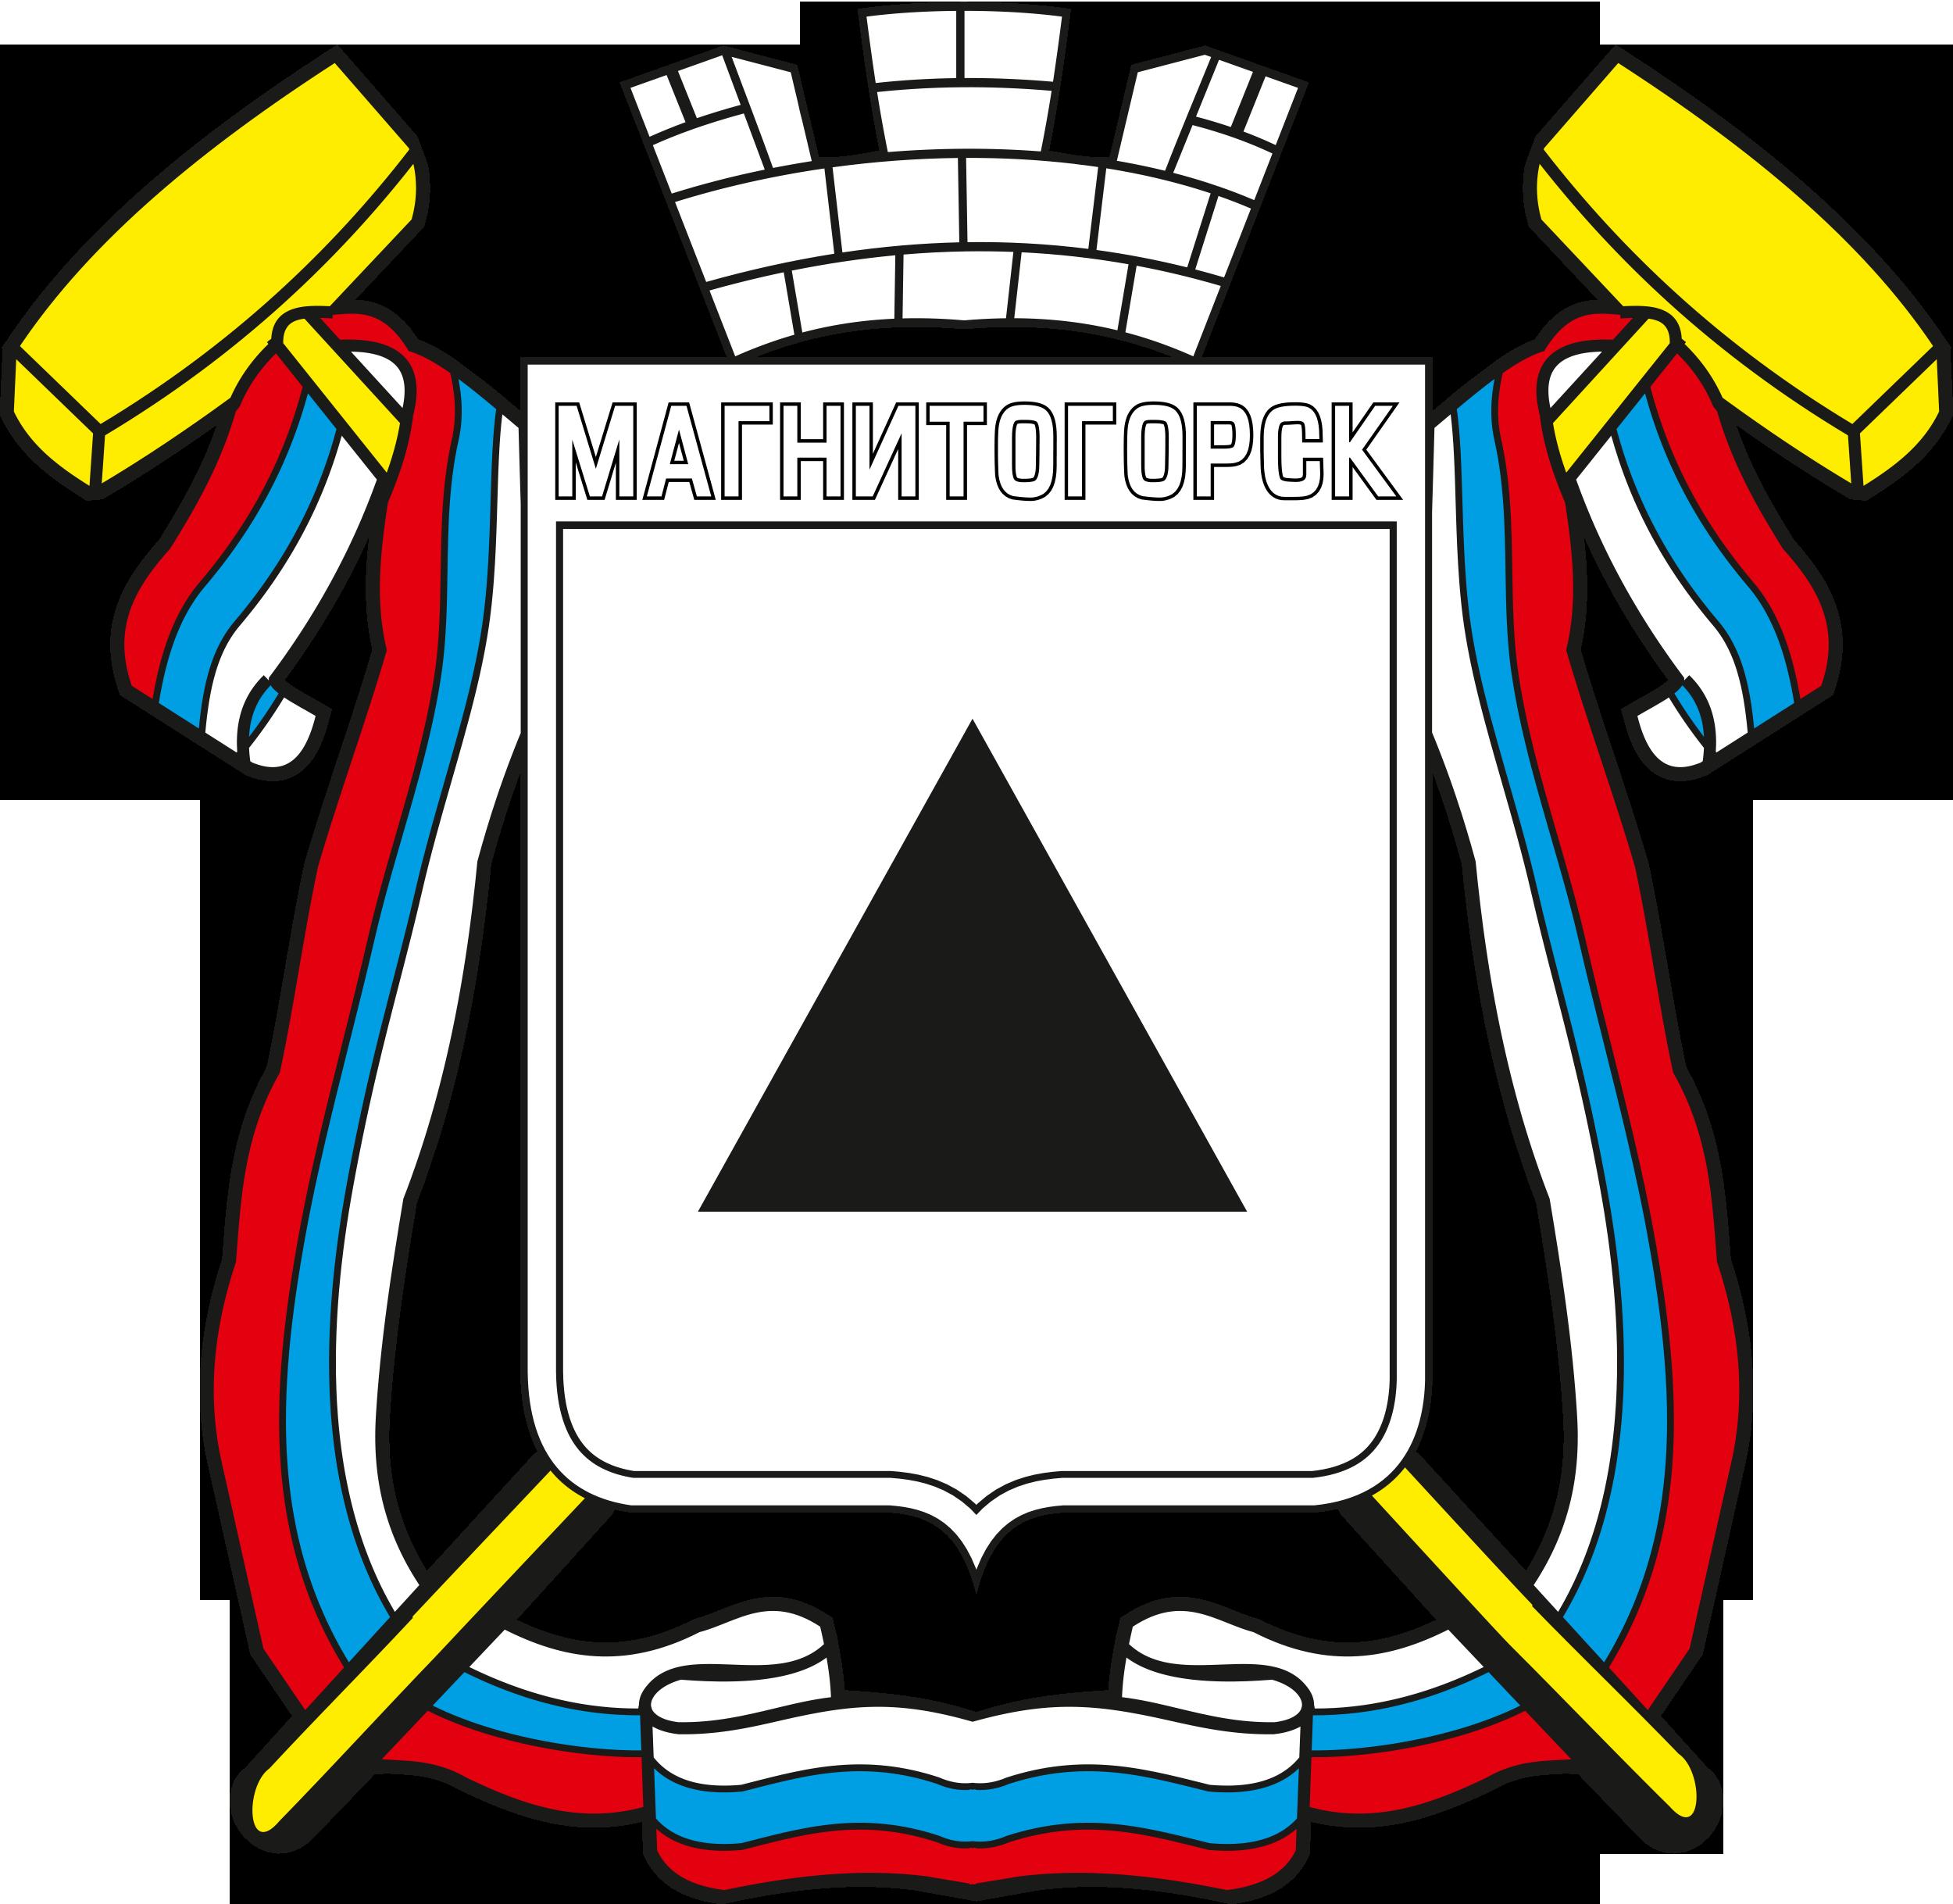 герб Магнитогорска (Челябинская область), 1993 г.